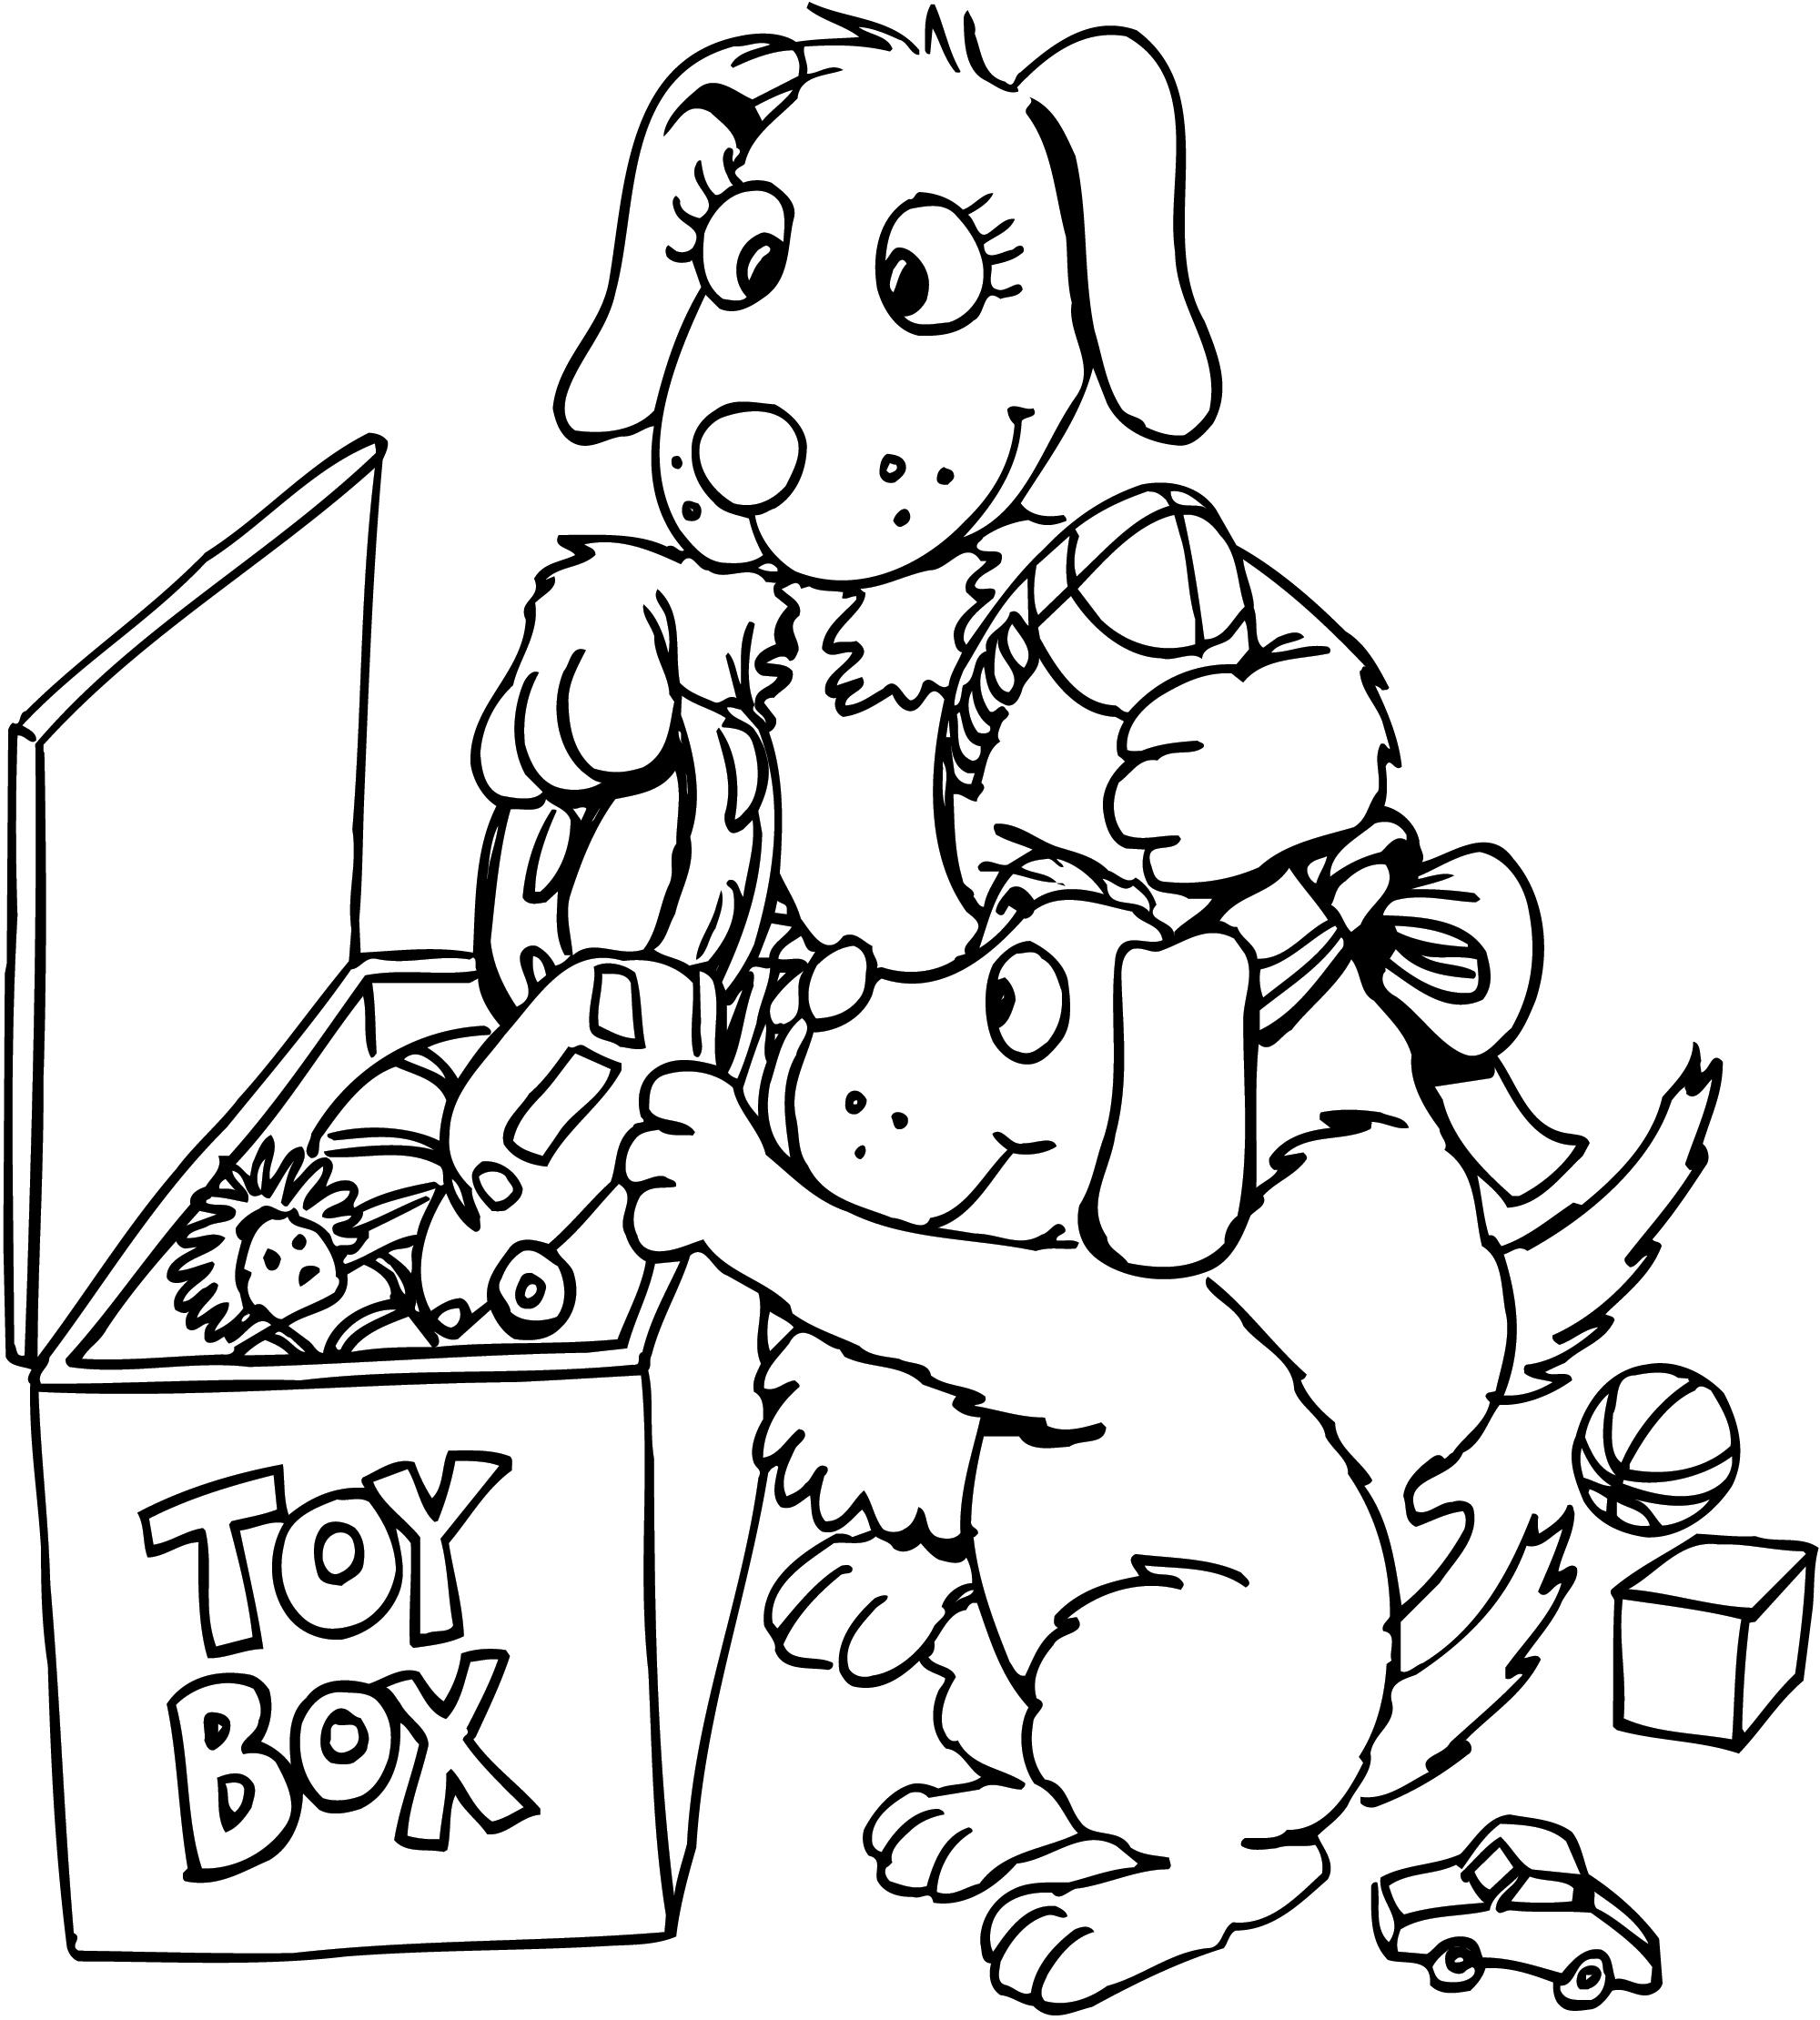 Put Your Toys Away